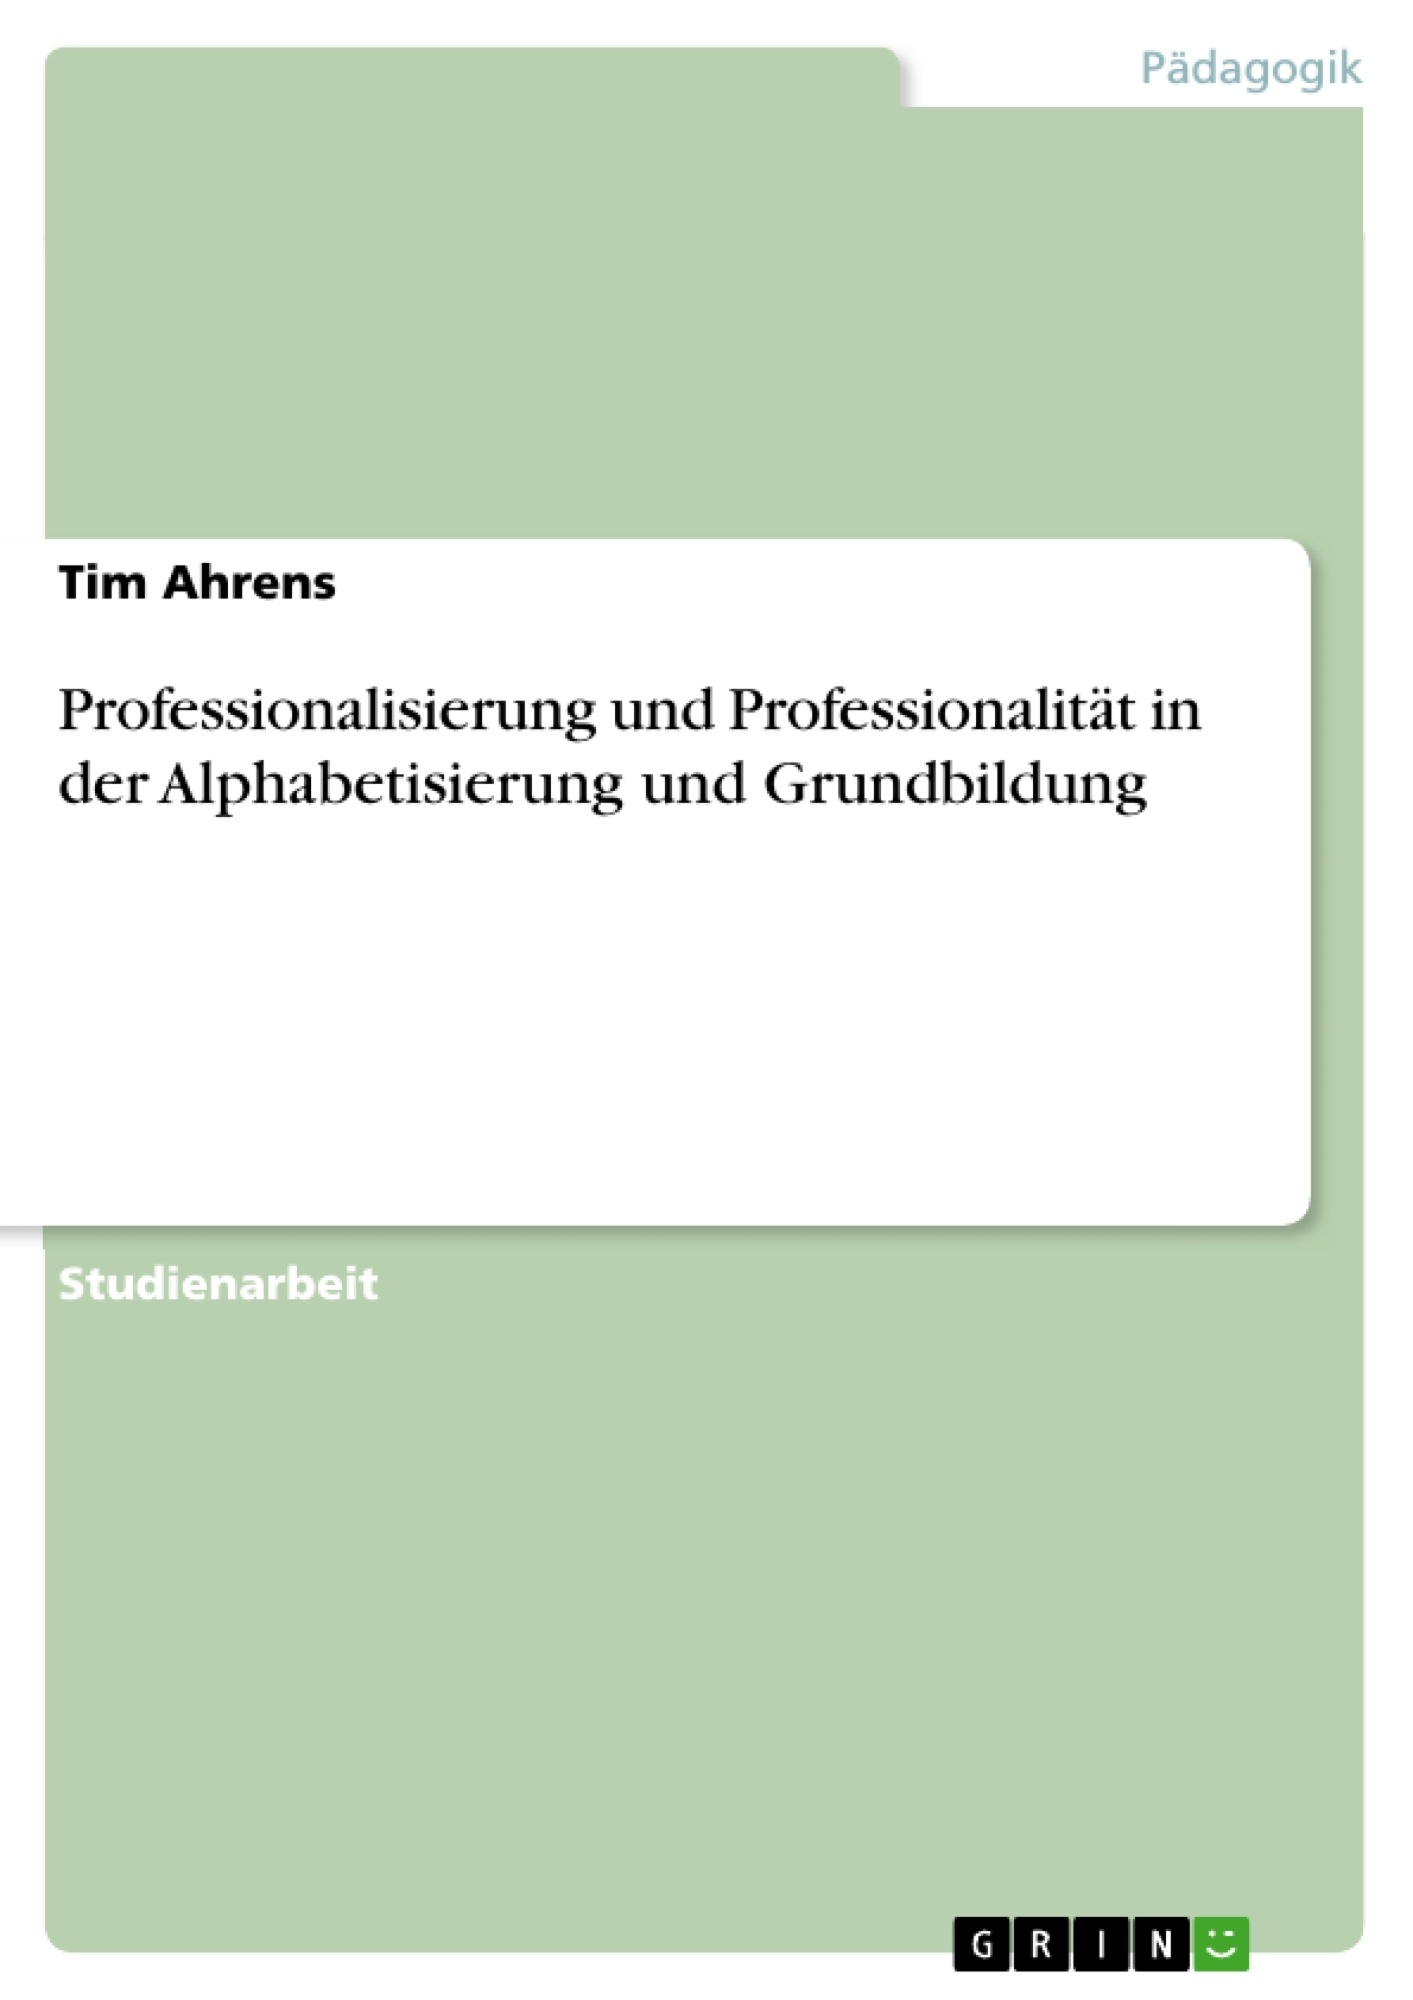 Titel: Professionalisierung und Professionalität in der Alphabetisierung und Grundbildung